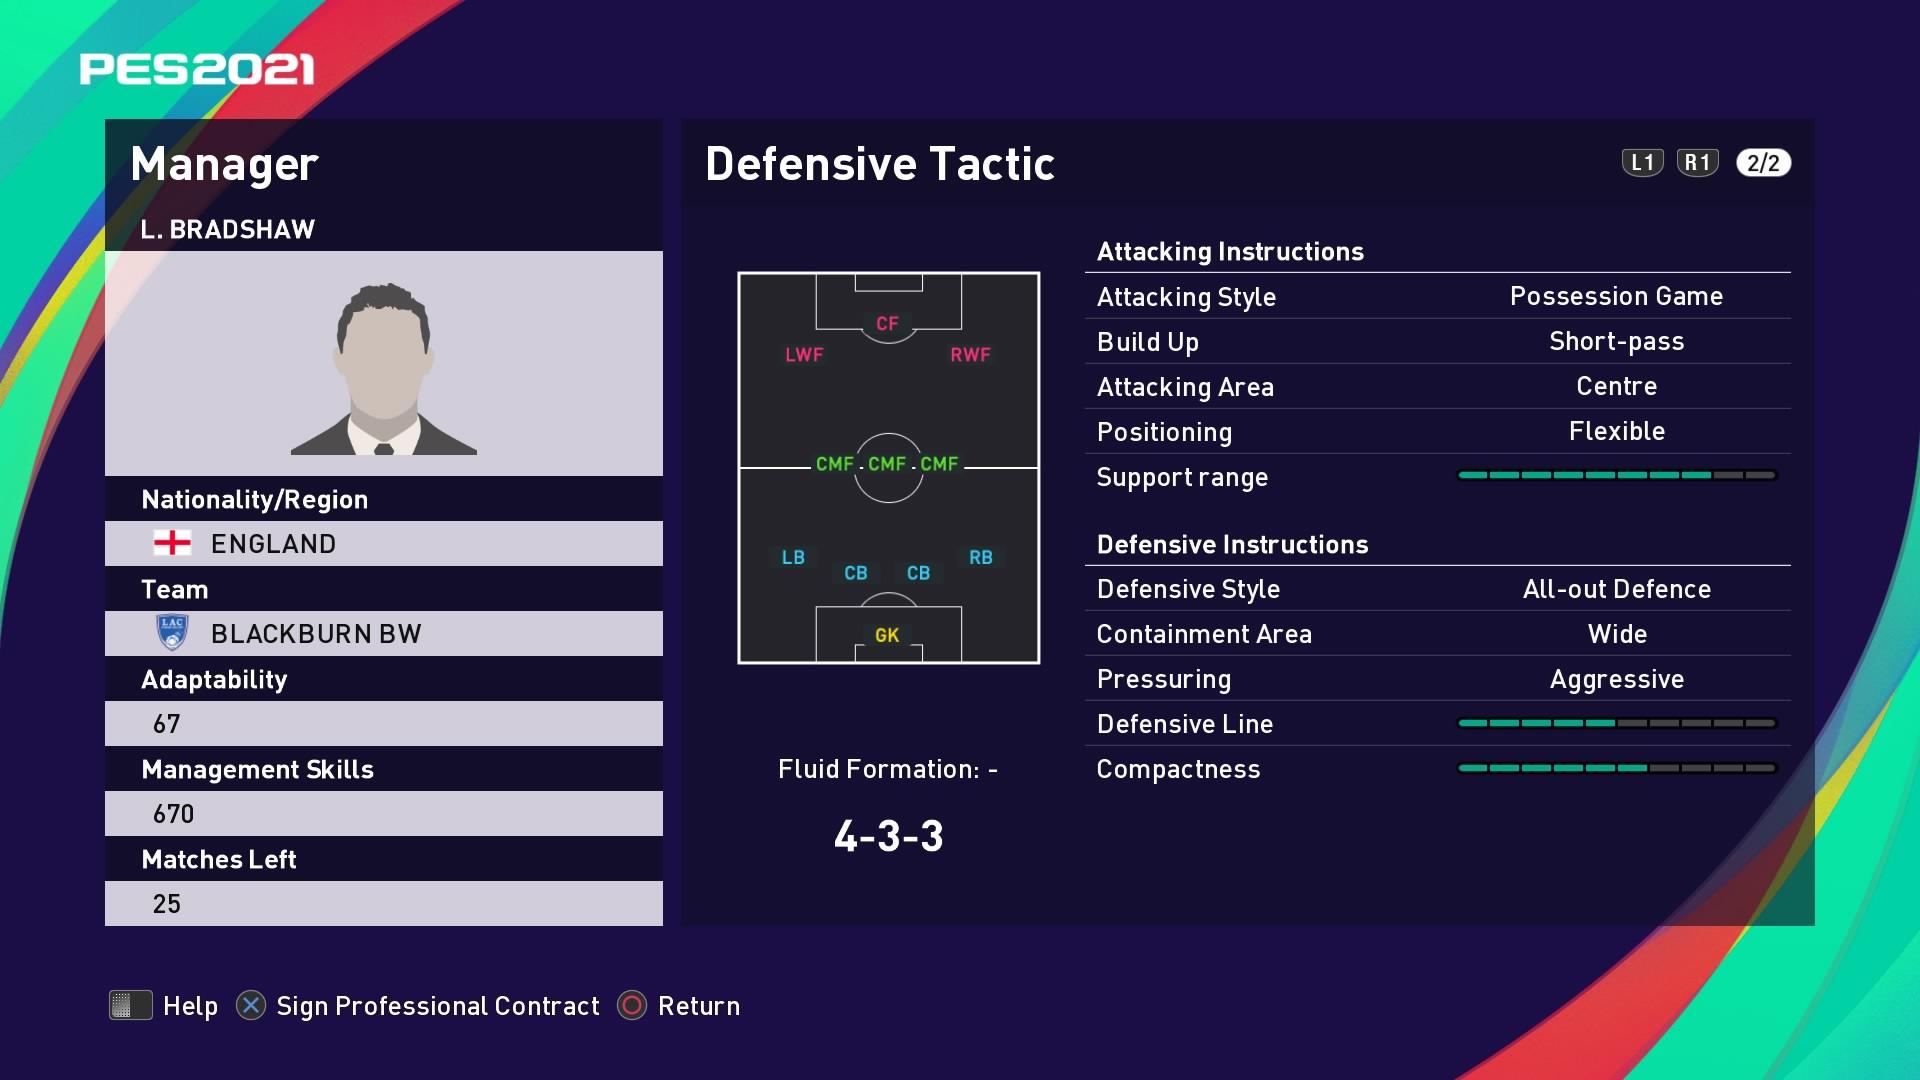 L. Bradshaw (Tony Mowbray) Defensive Tactic in PES 2021 myClub